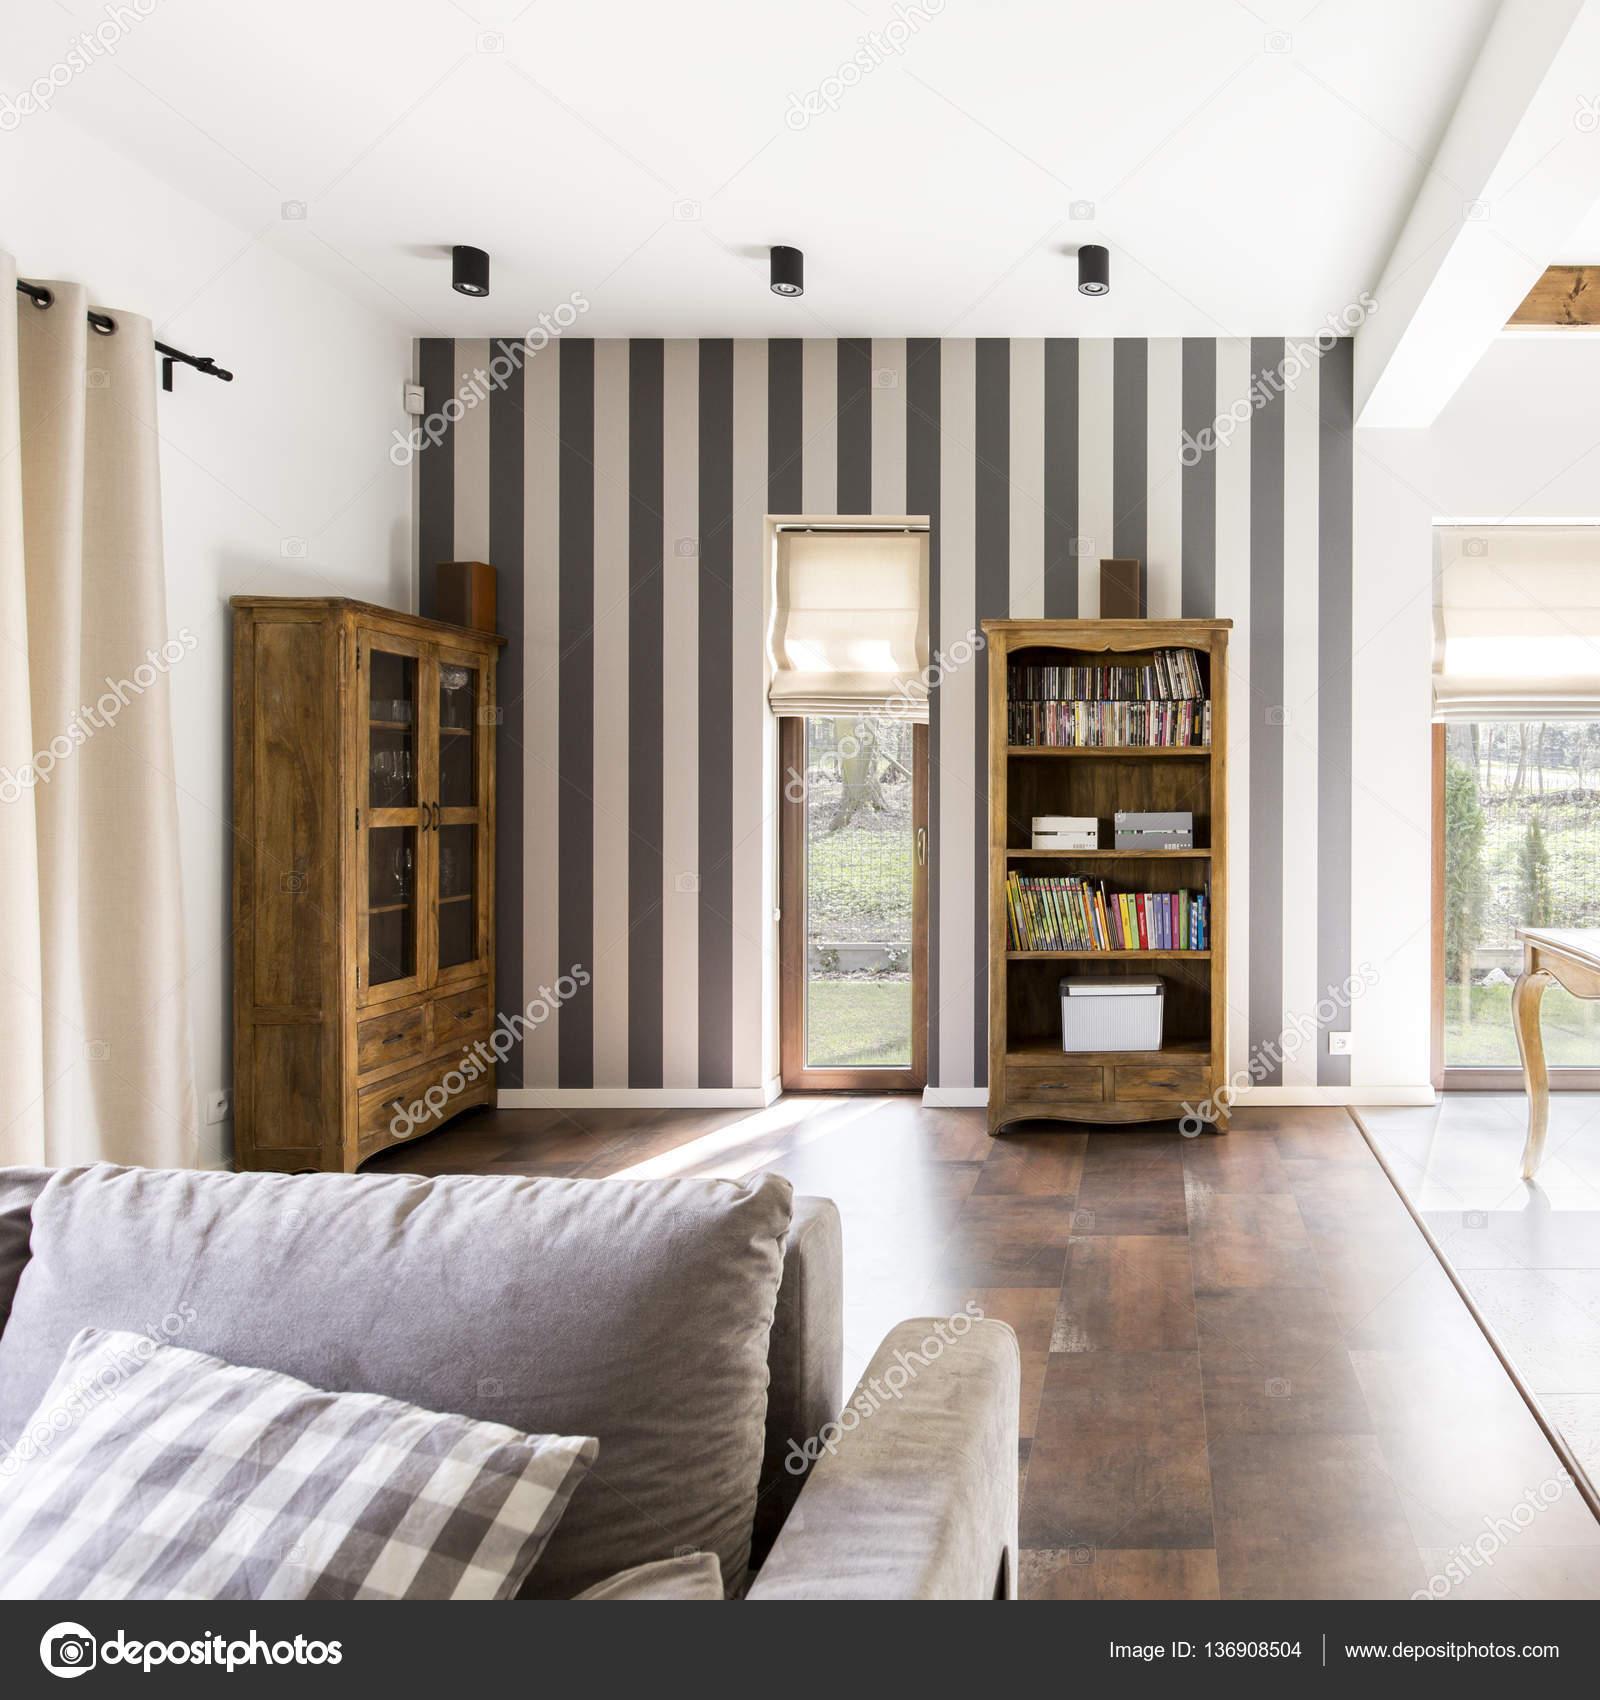 https://st3.depositphotos.com/2249091/13690/i/1600/depositphotos_136908504-stockafbeelding-stijlvolle-interieur-met-gestreept-behang.jpg